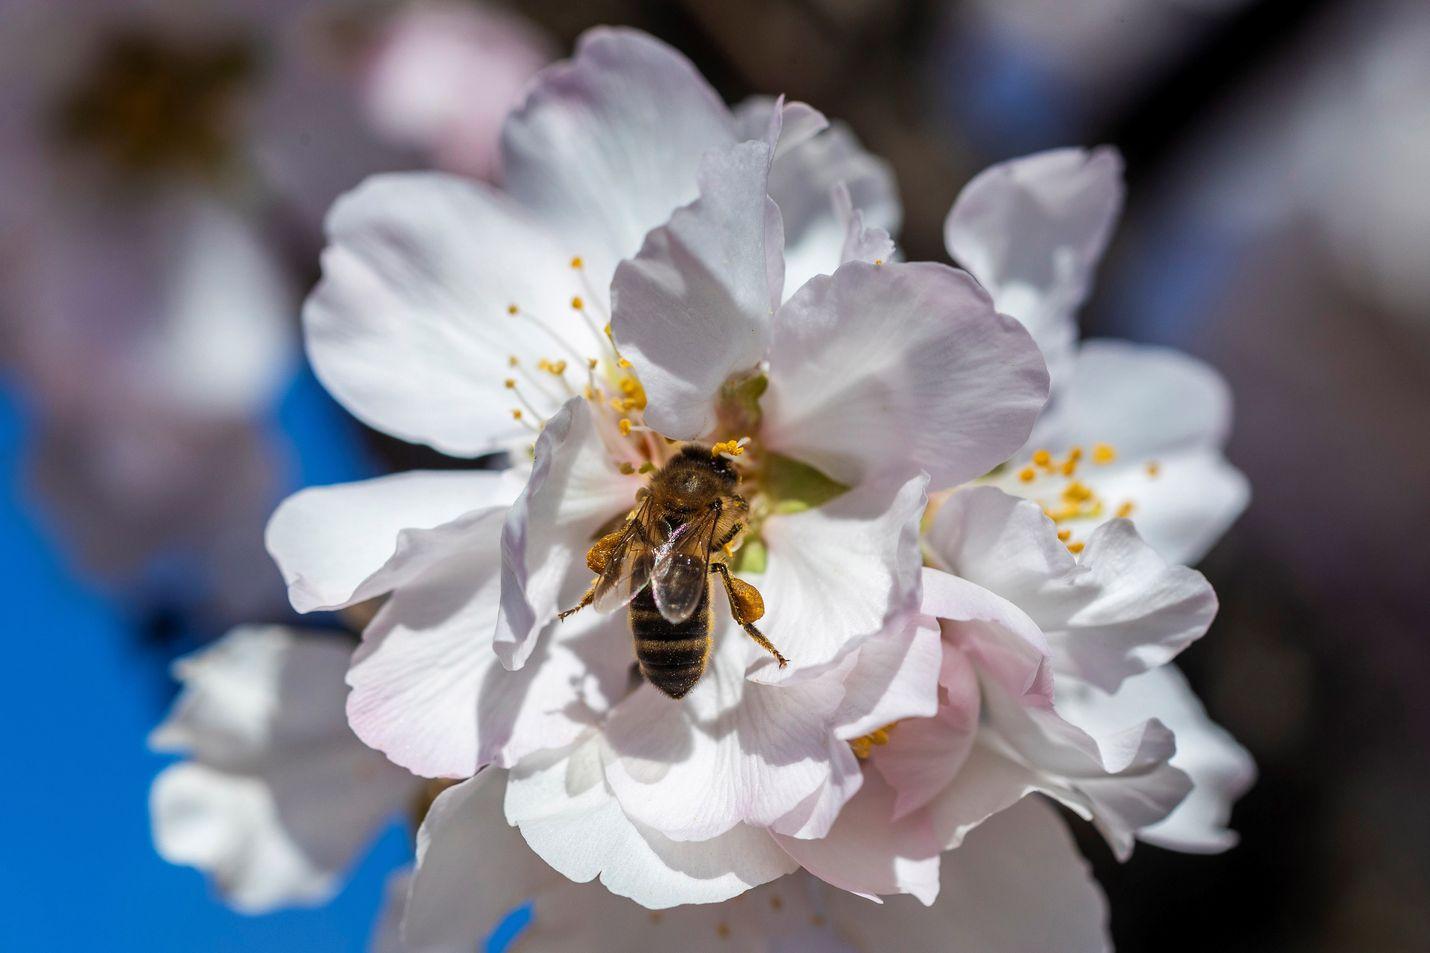 Espanjassa kevät on aikaisessa, joten mehiläinen pääsi jo keruupuuhiin Murciassa Espanjassa. Ilmastonmuutos on yksi tekijöistä, jotka vähentävät hyönteisiä.